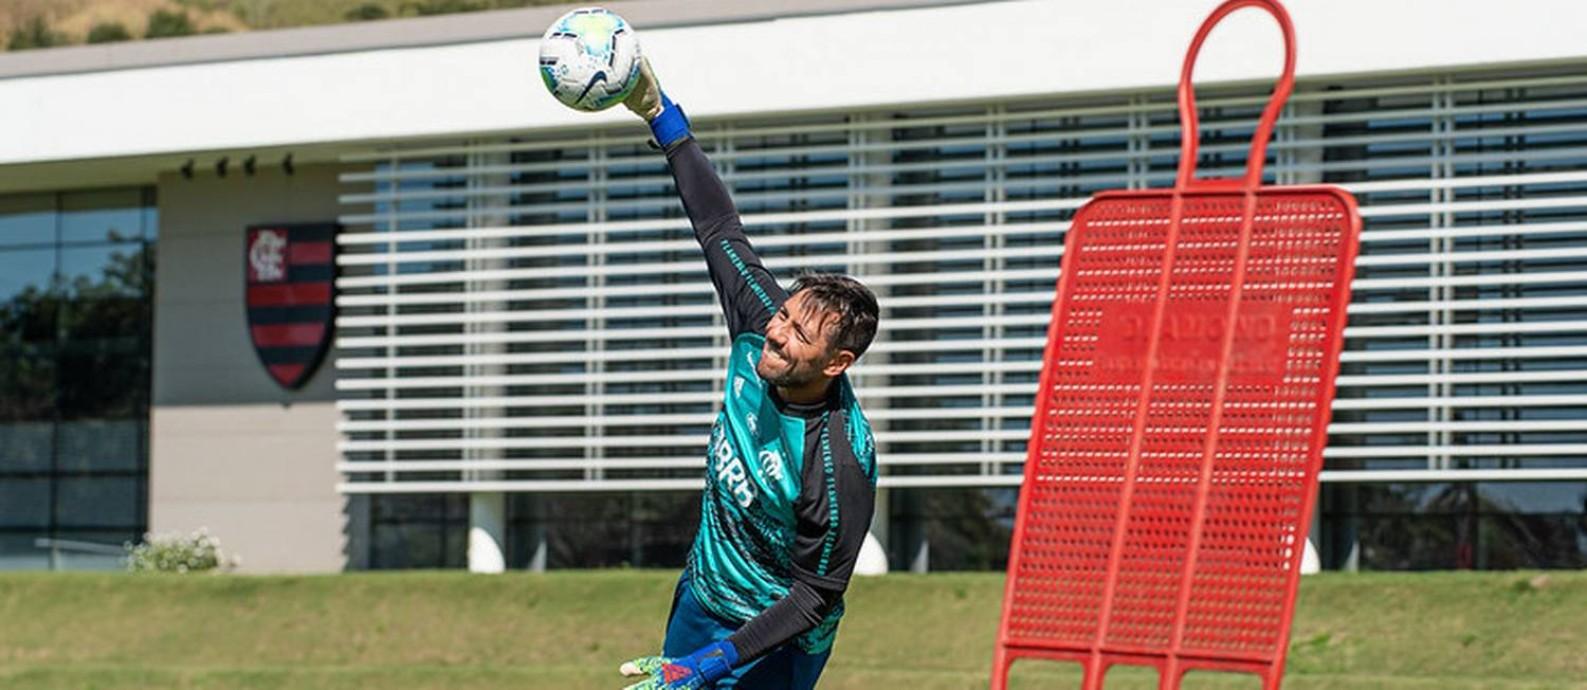 Diego Alves é prioridade na renovação, mas conversas começam semana que vem Foto: Divulgação